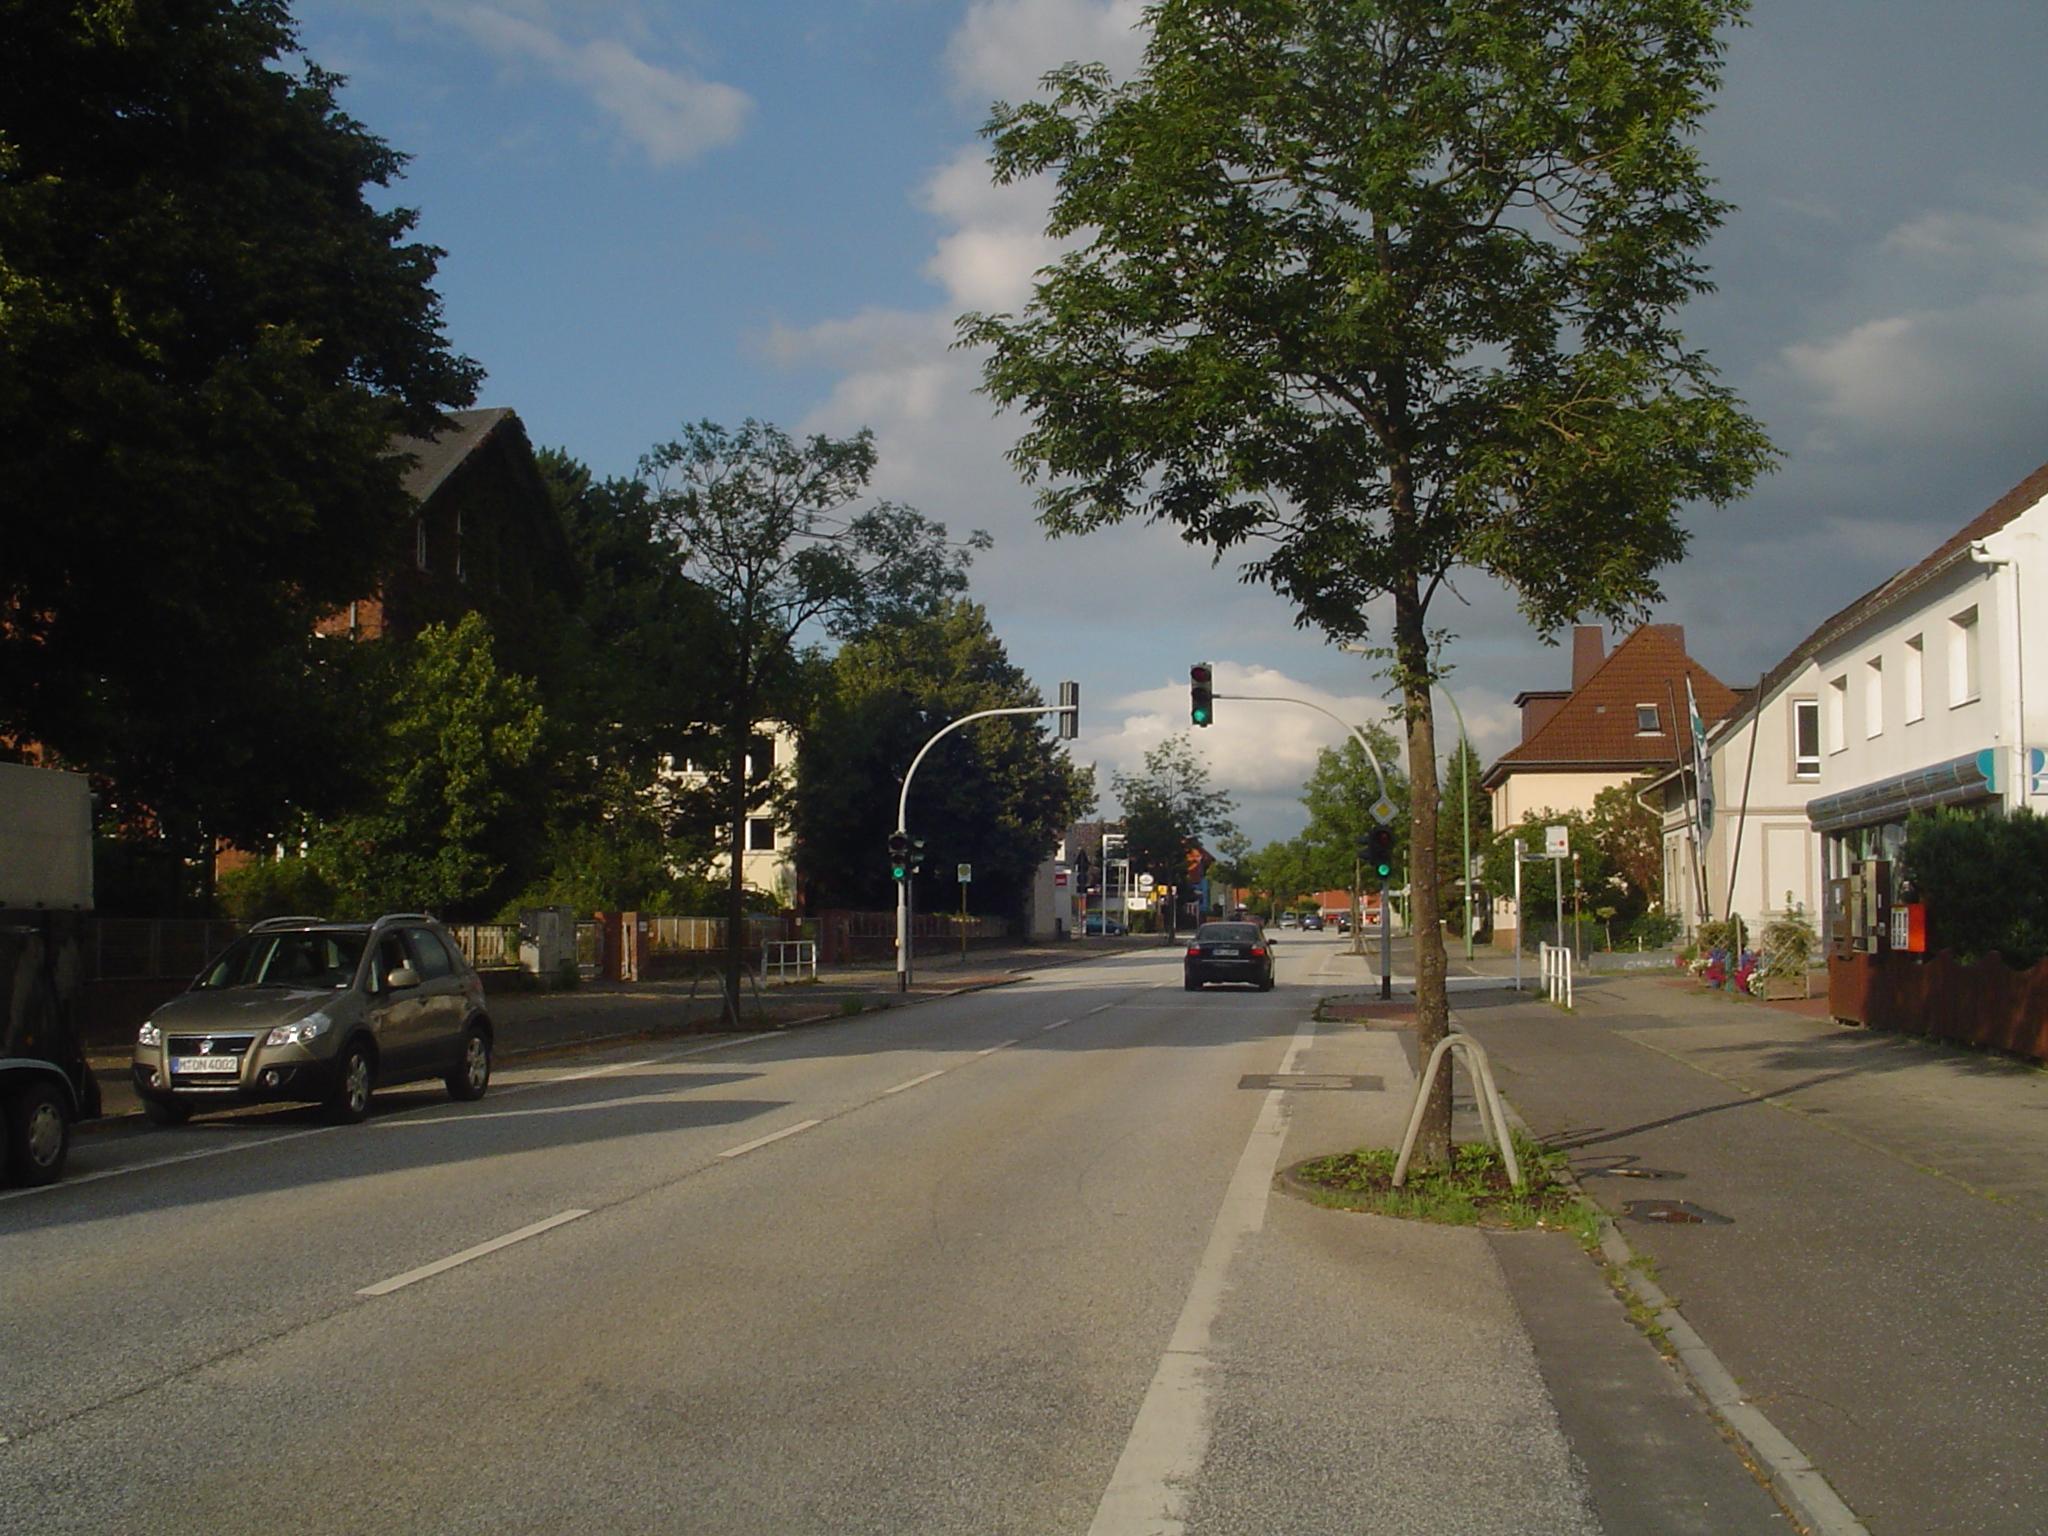 Schiffdorferdamm